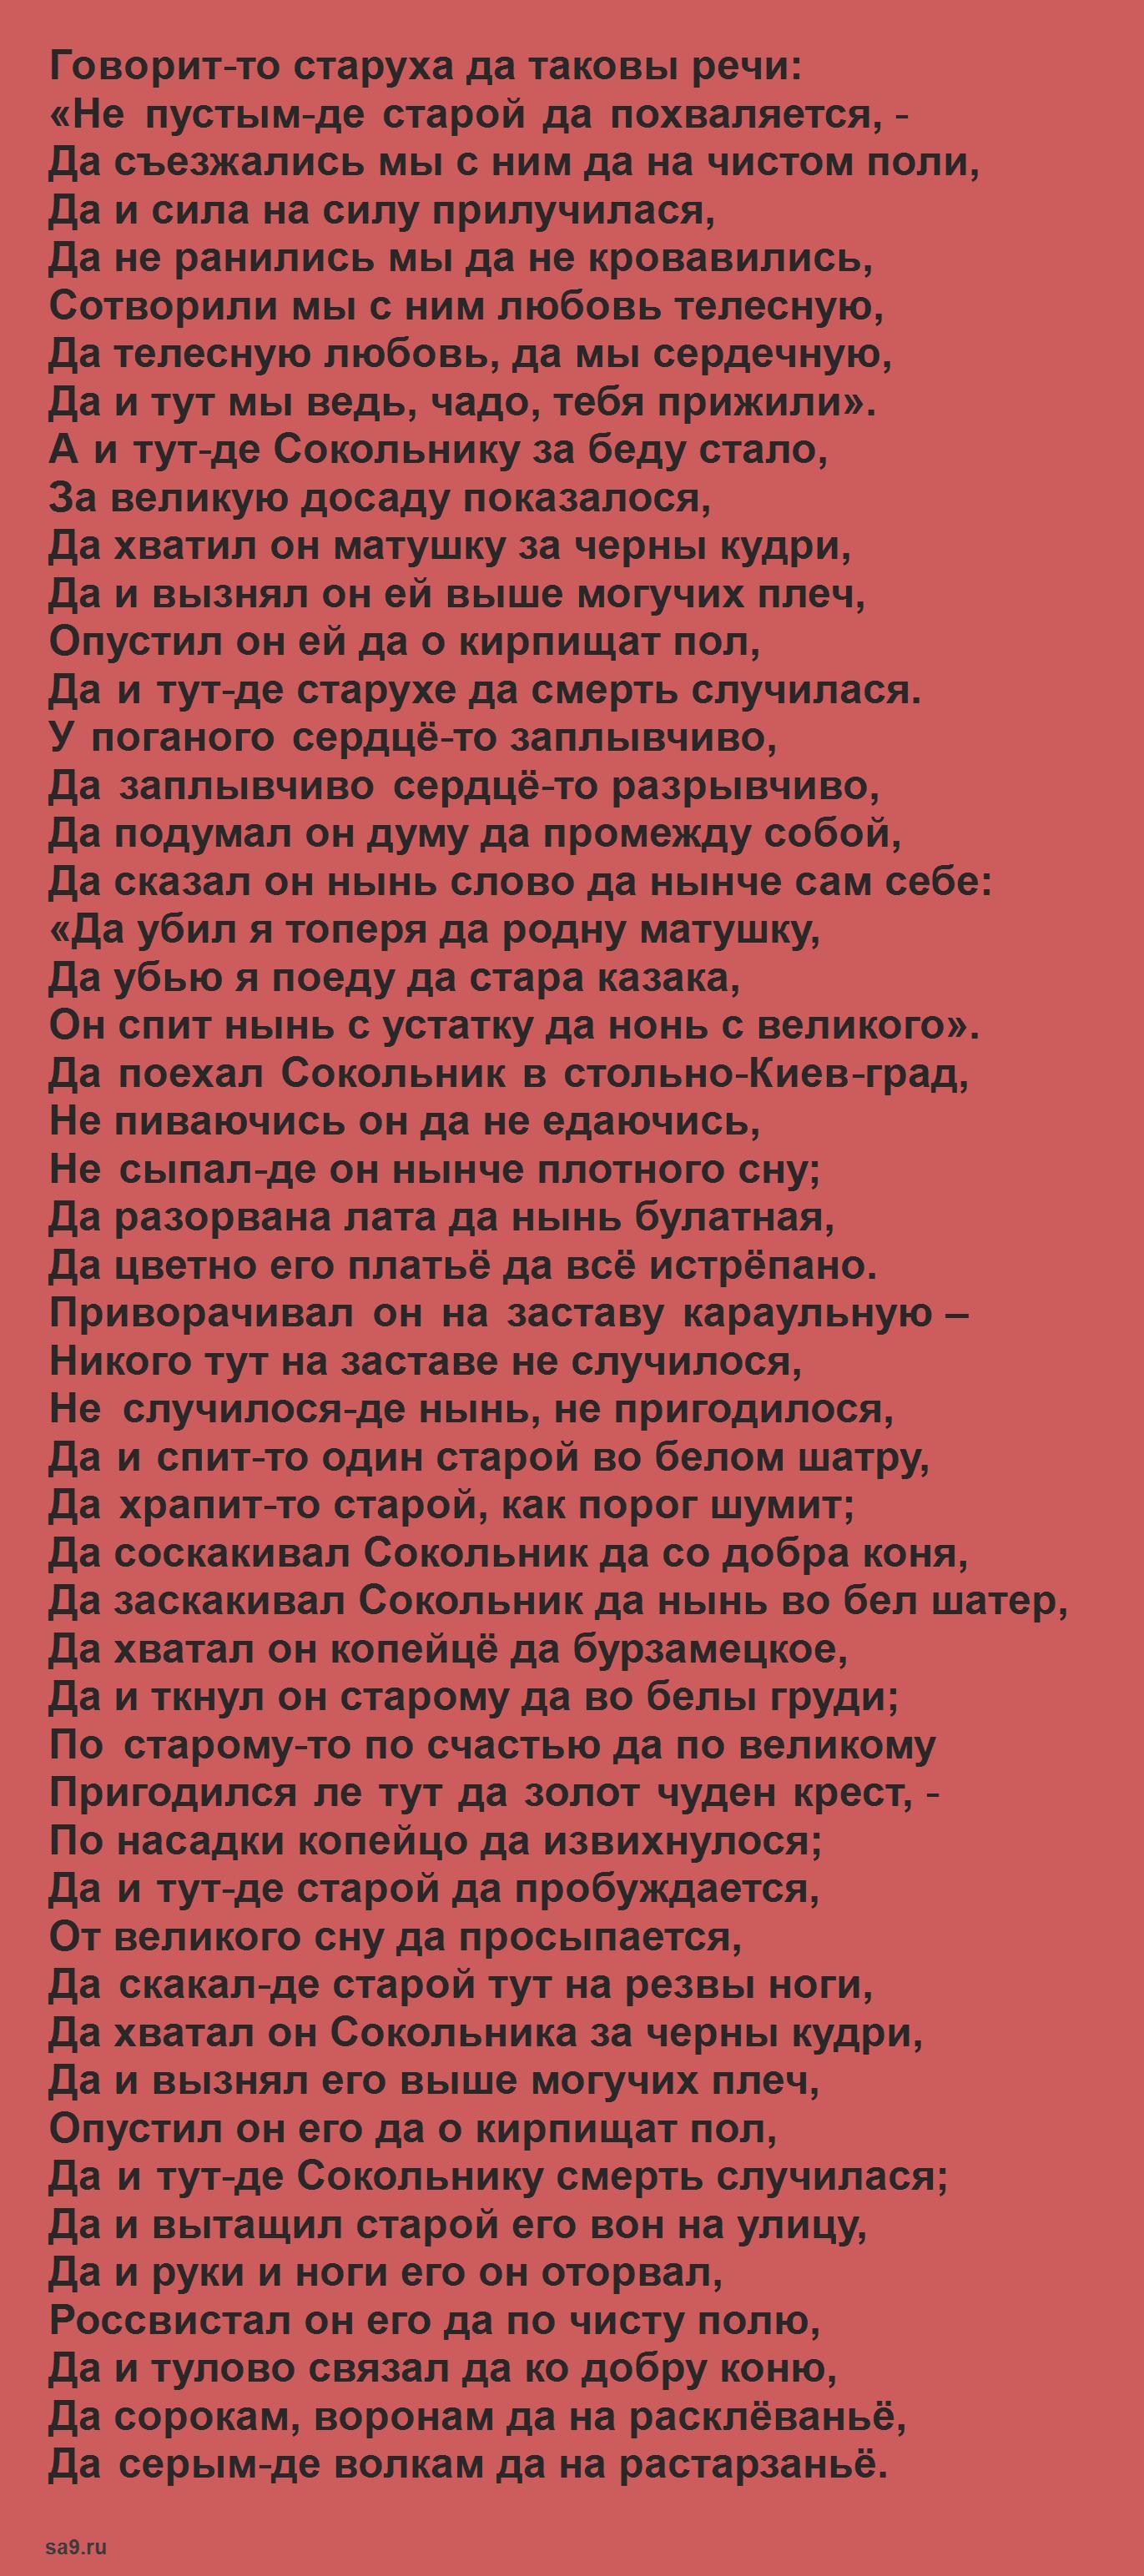 Читать былину - Бой Ильи Муромца с сыном, полностью бесплатно